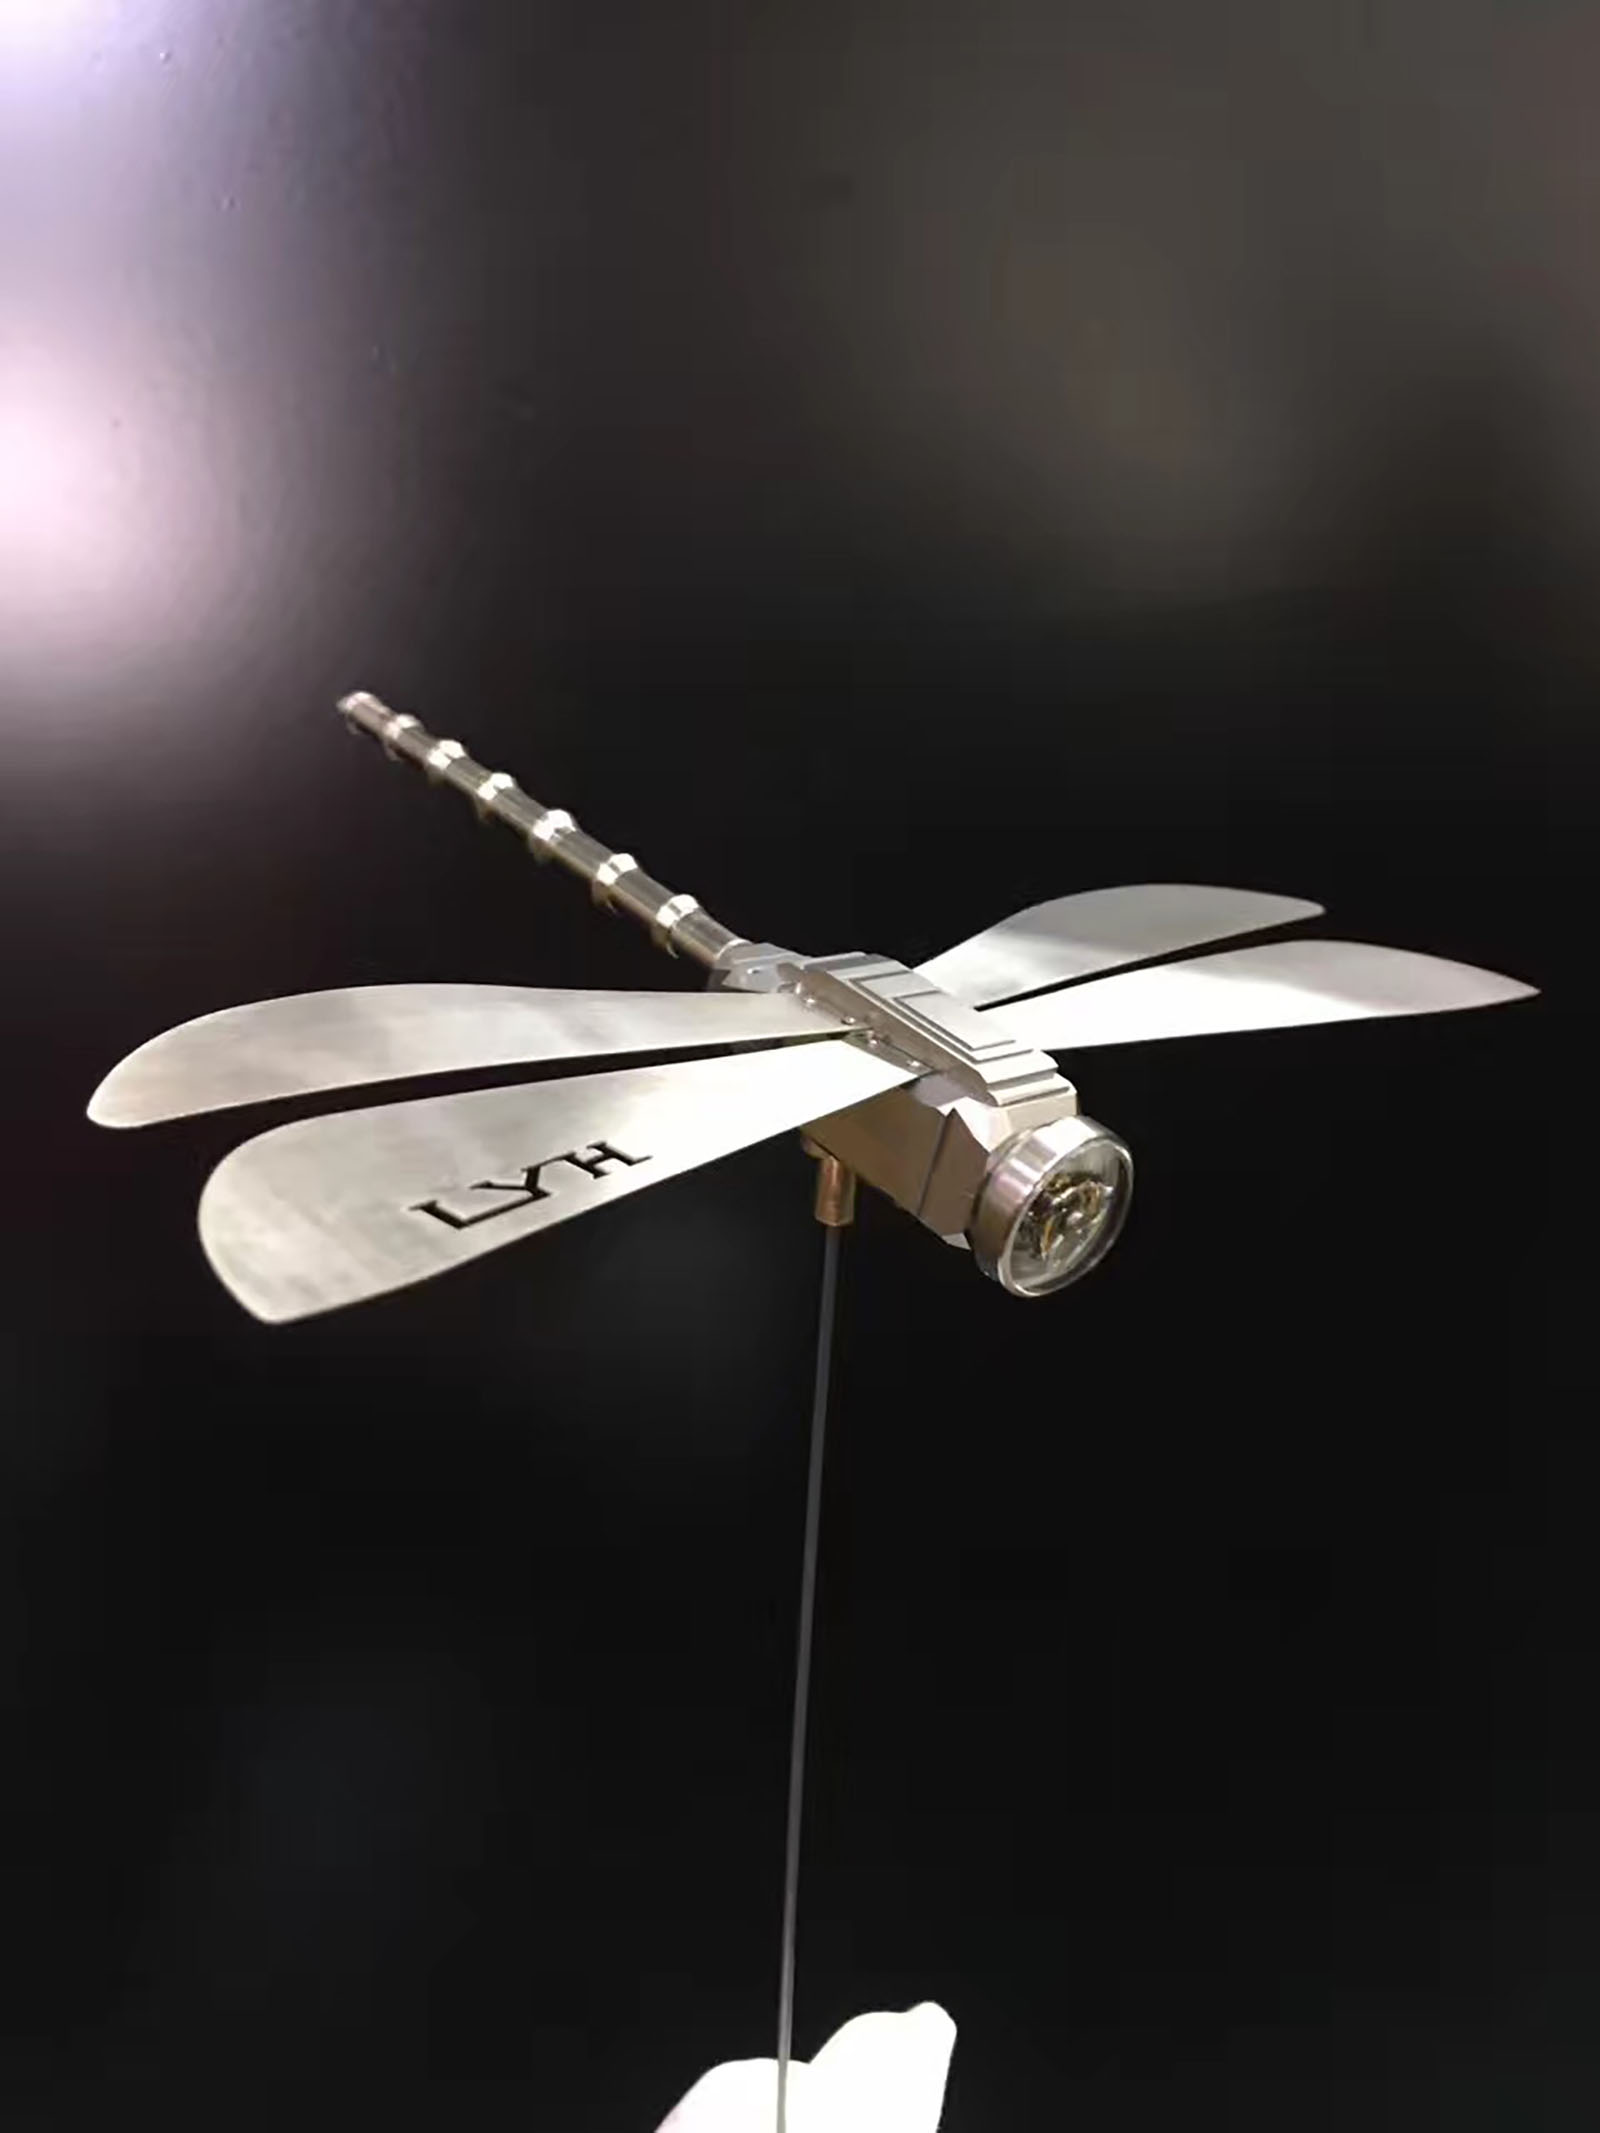 Lin Yong Hua- Dragonfly Tourbillon Installation